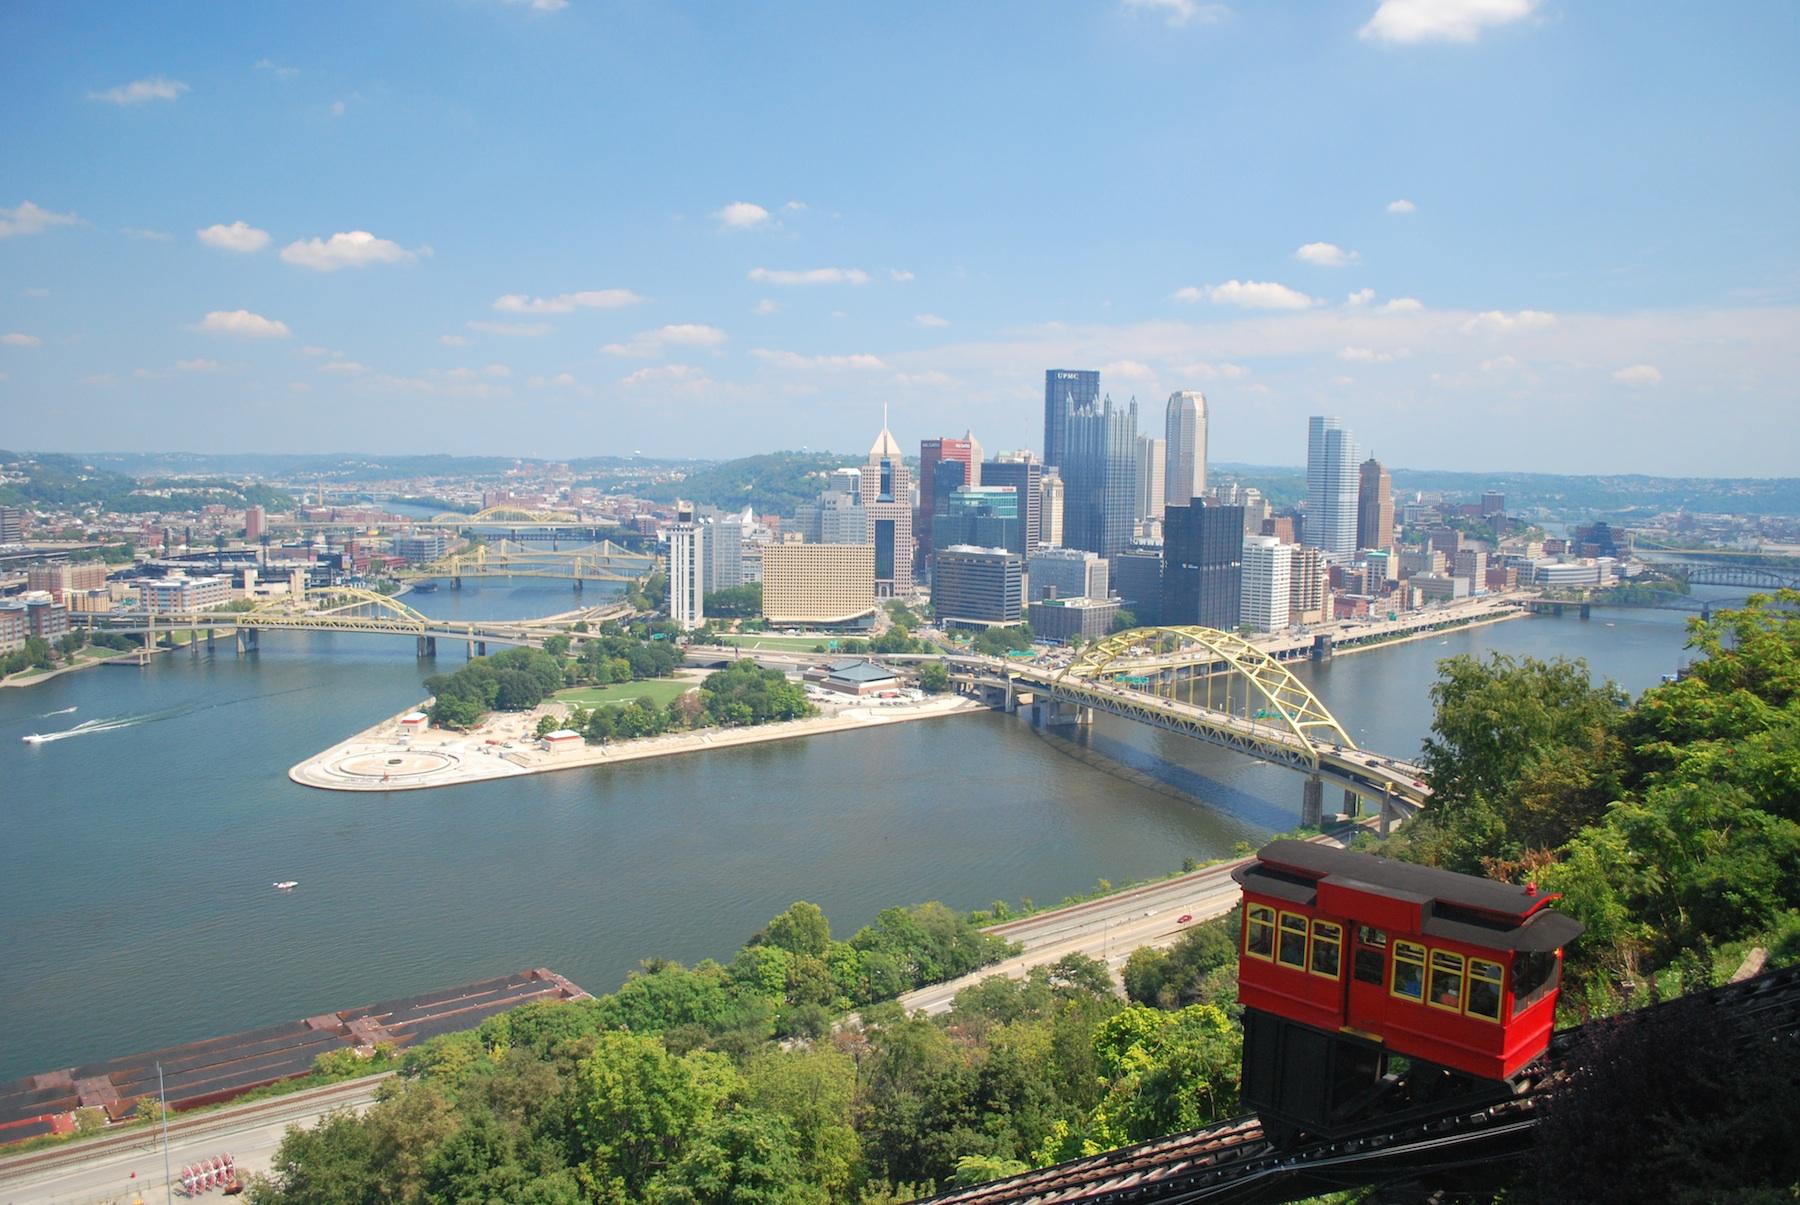 Como a cidade de Pittsburgh preencheu os cargos públicos com uma equipe talentosa e diversificada